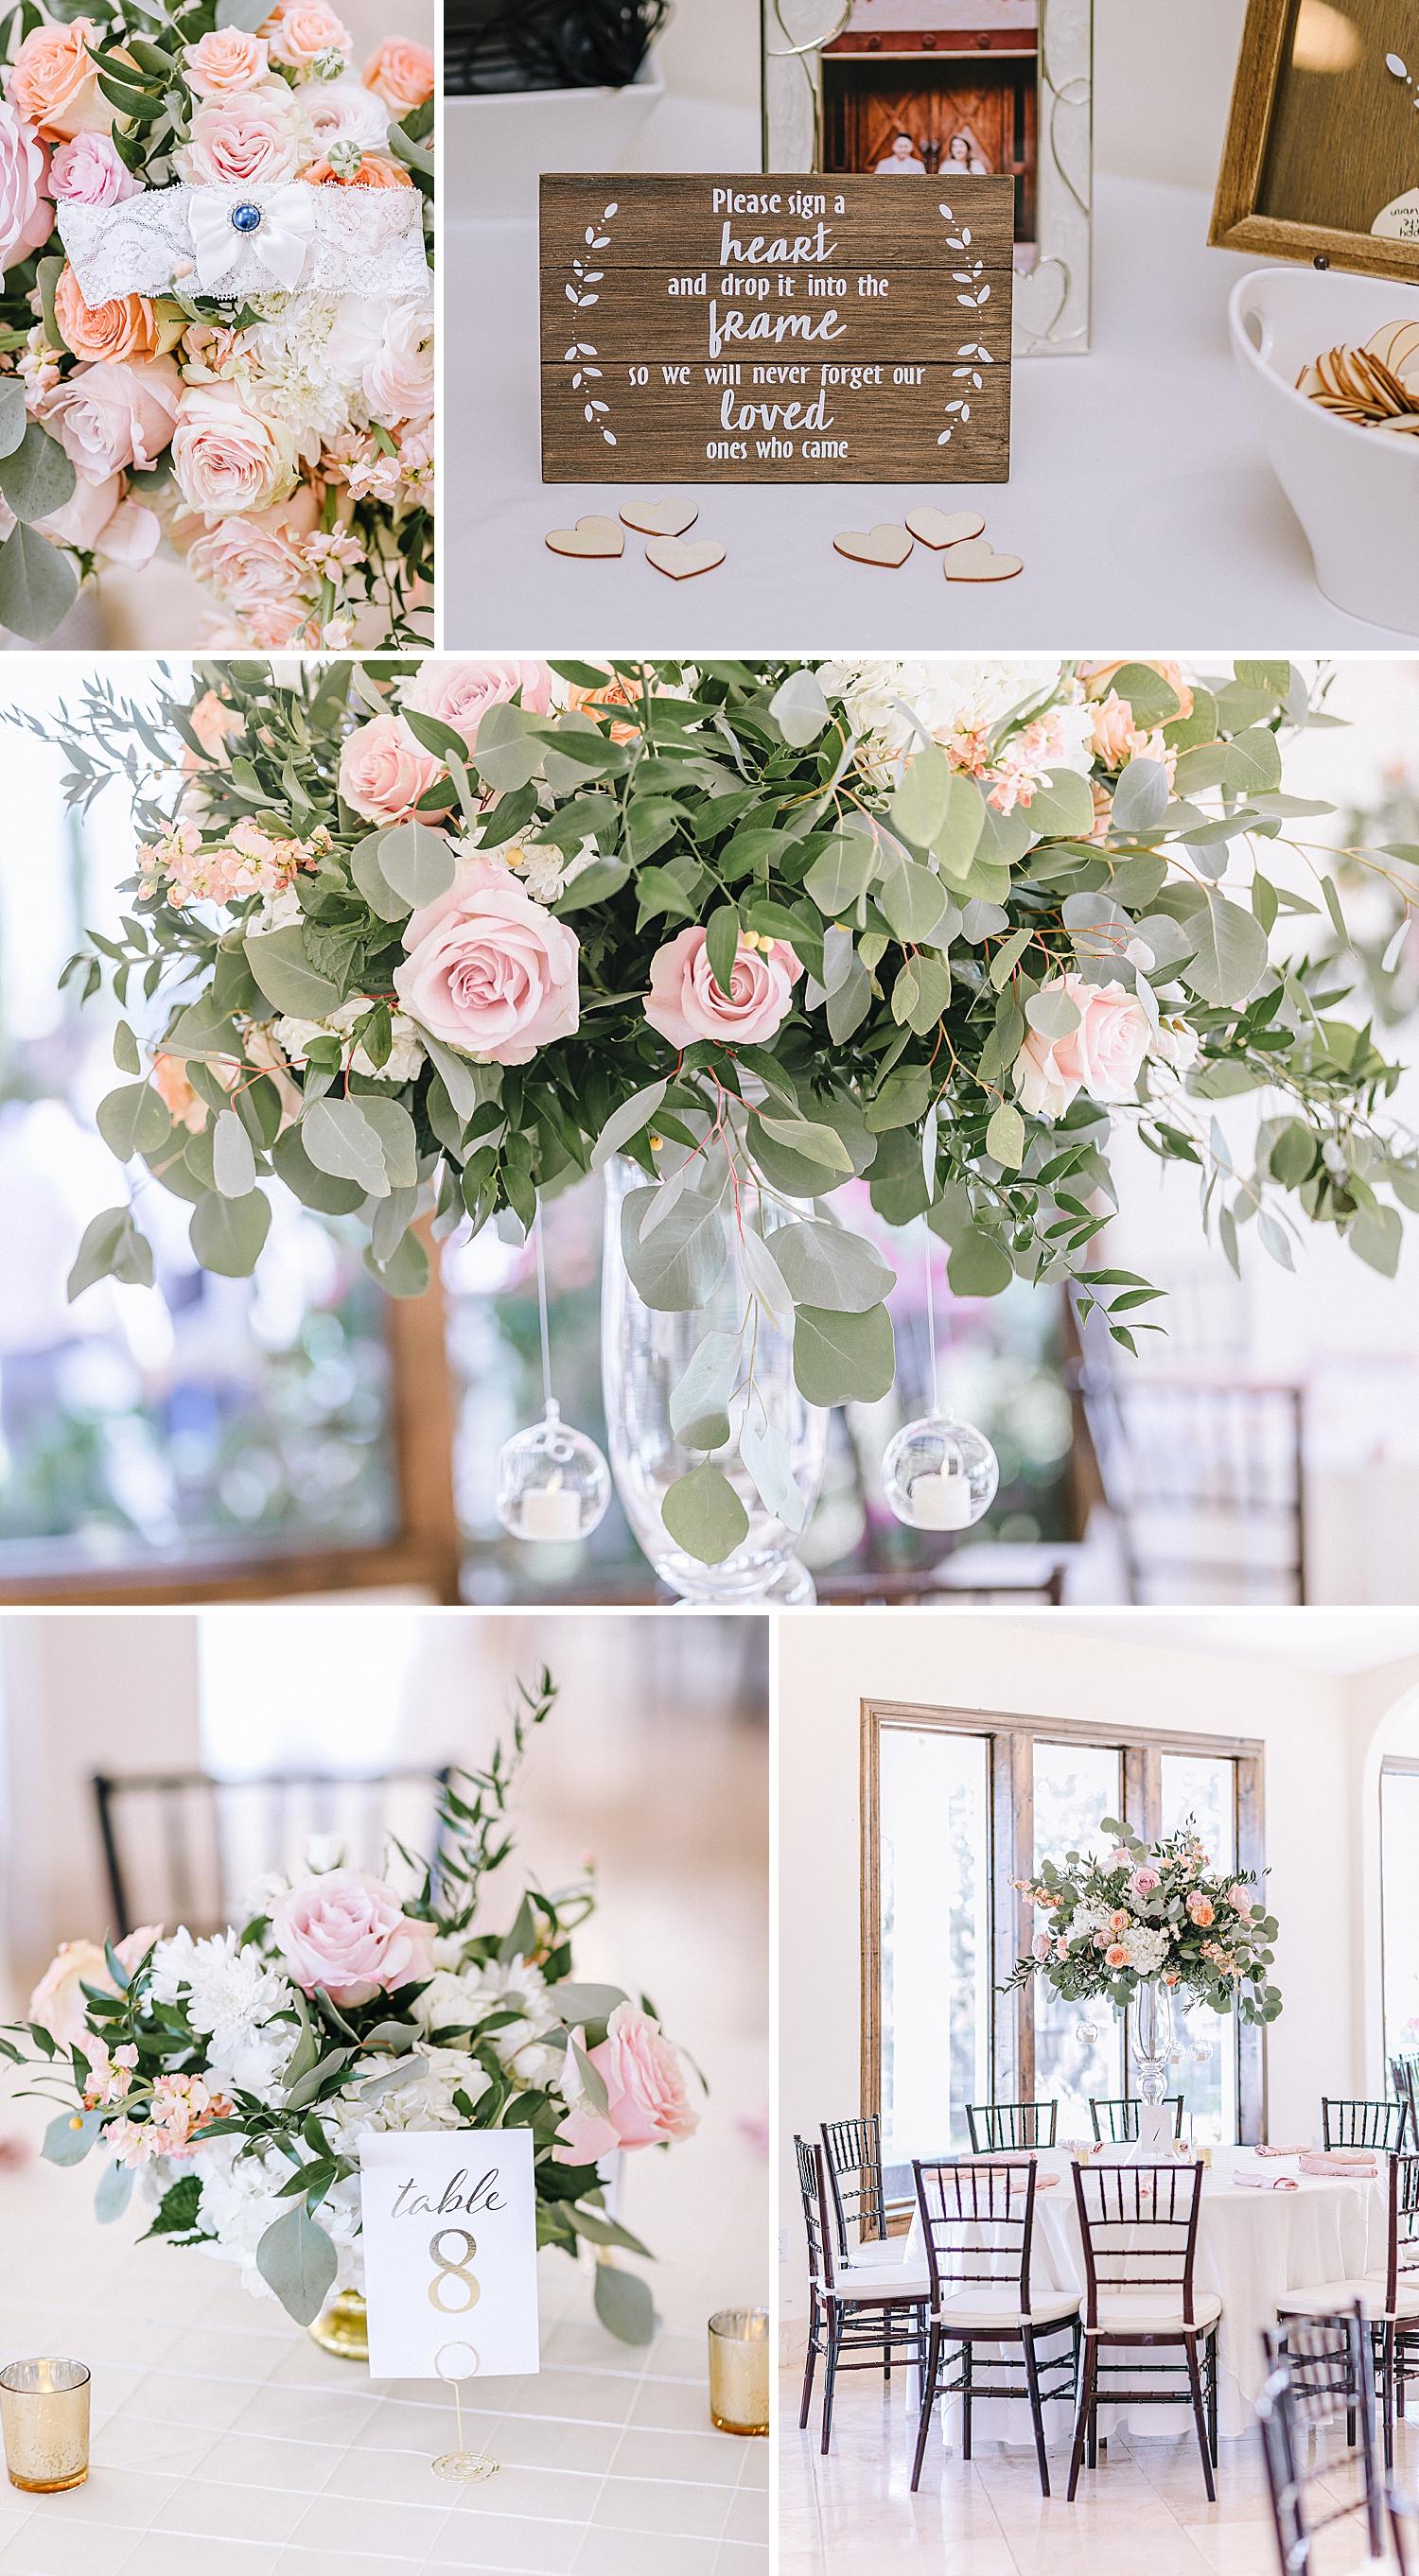 Carly-Barton-Photography-The-Villa-at-Cielo-Vista-Blush-Gold-White-Wedding-Photos_0095.jpg